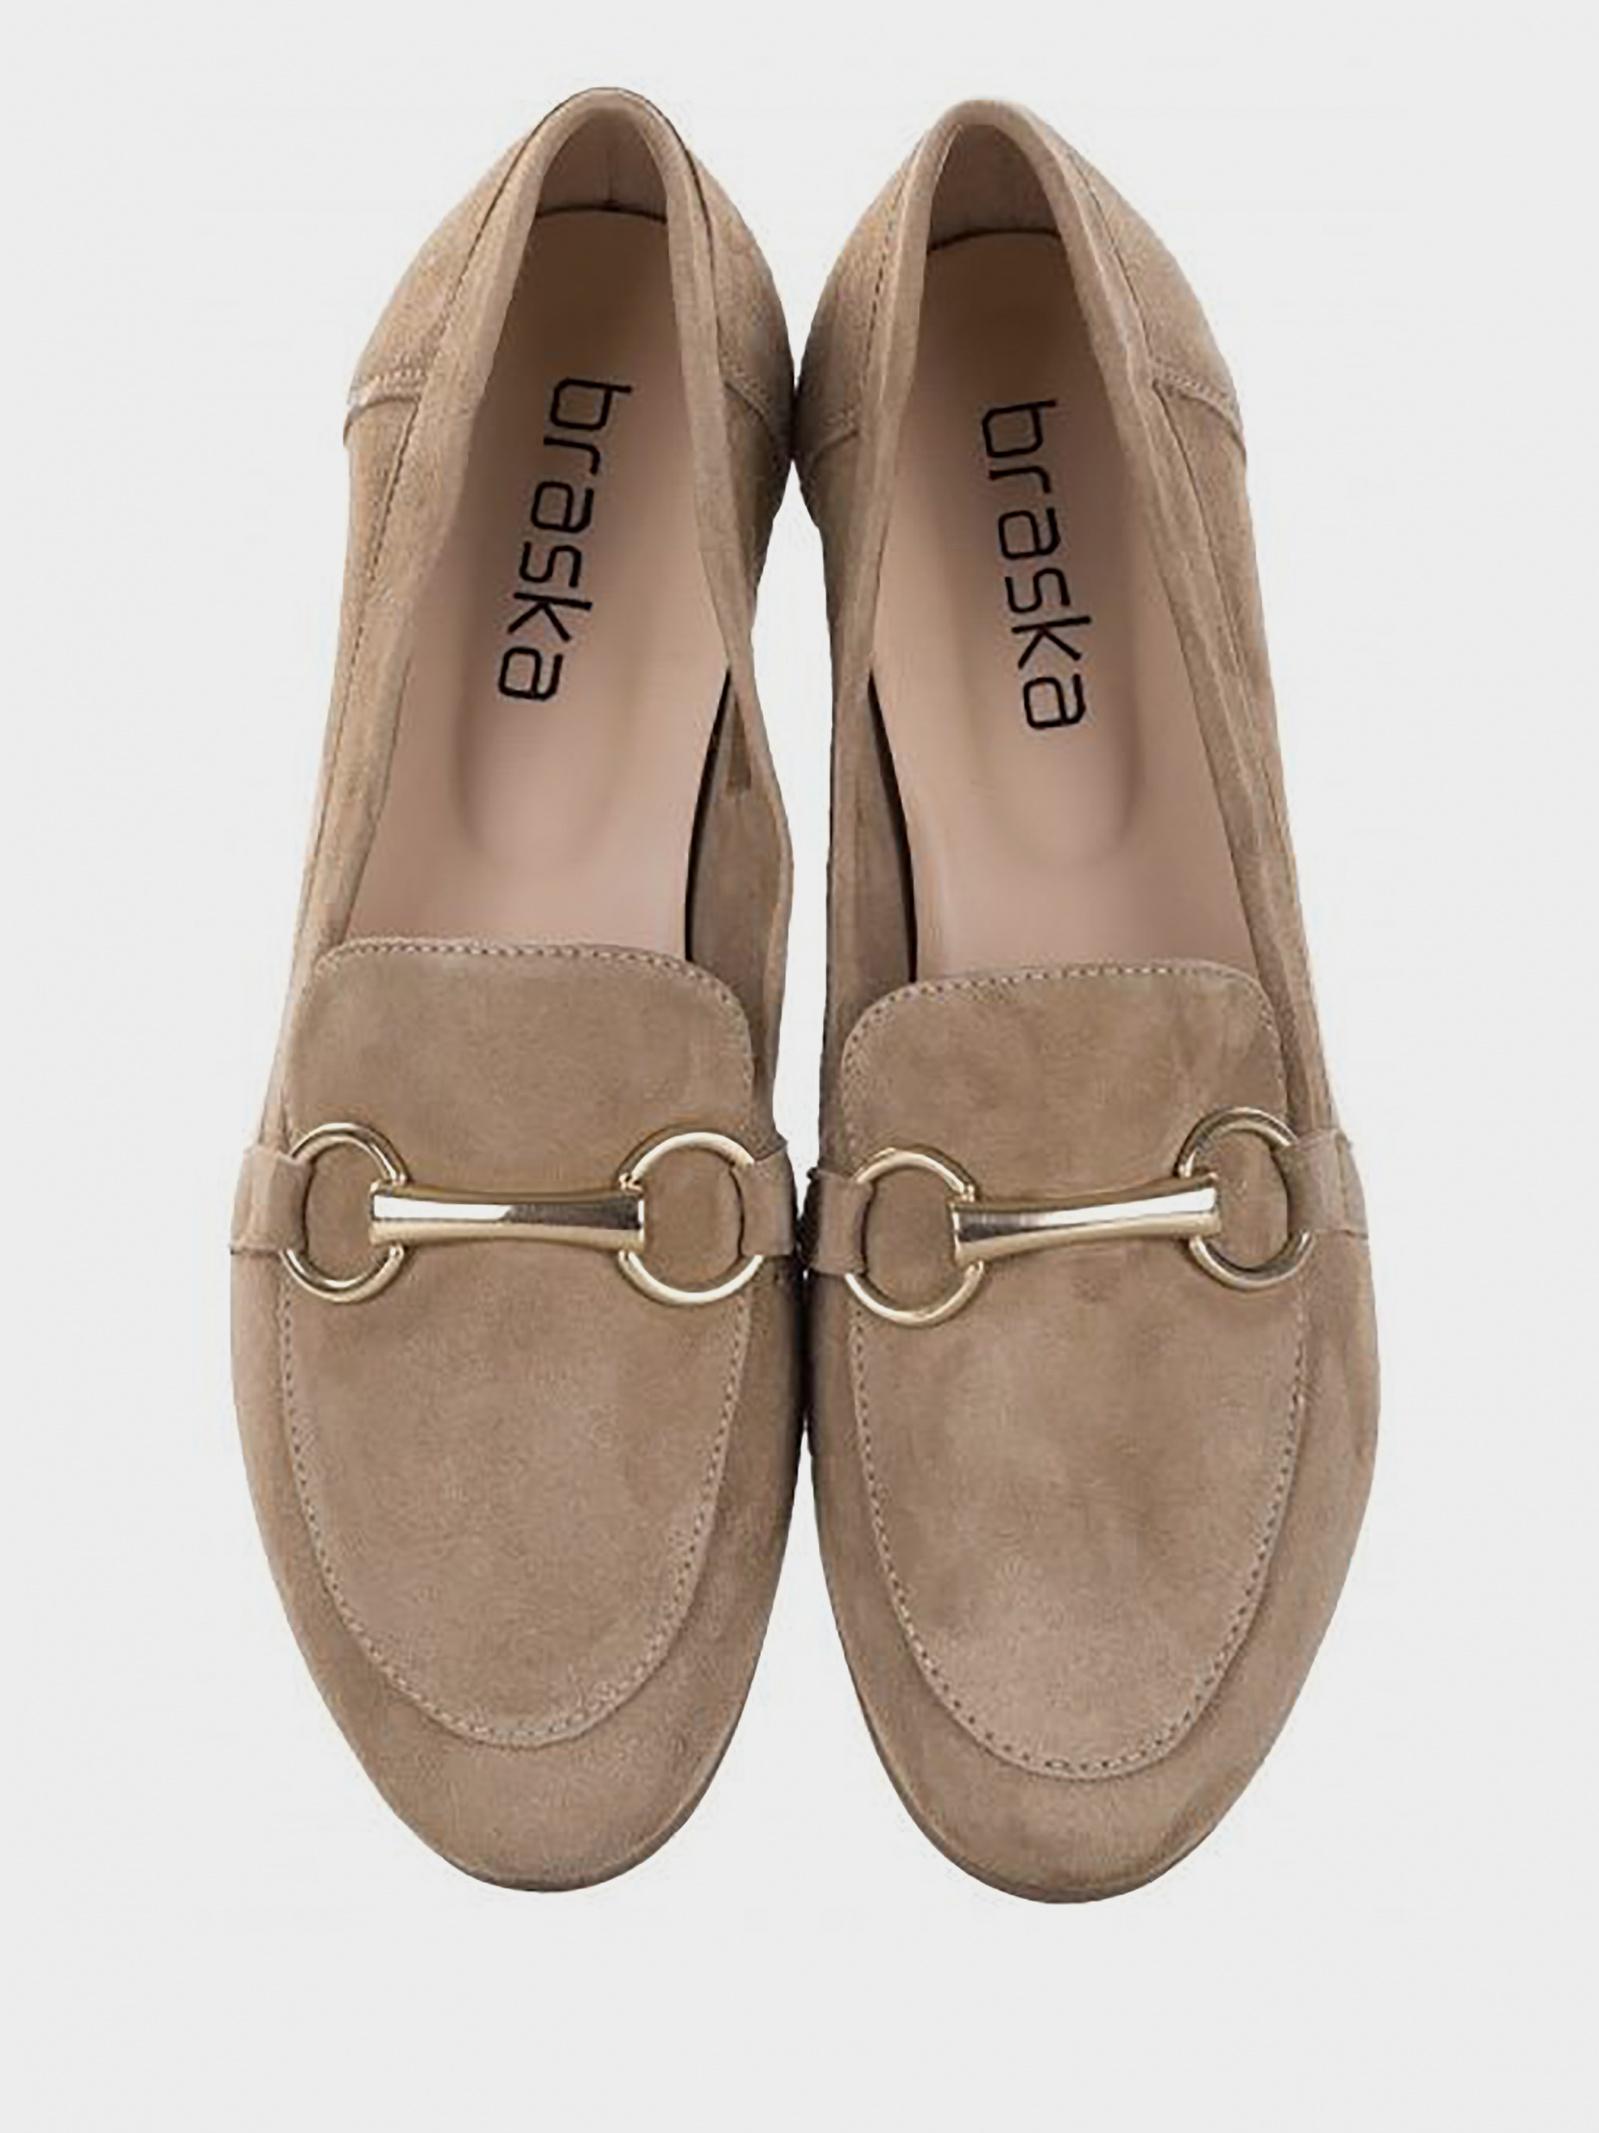 Туфлі  для жінок Braska A41243 розмірна сітка взуття, 2017